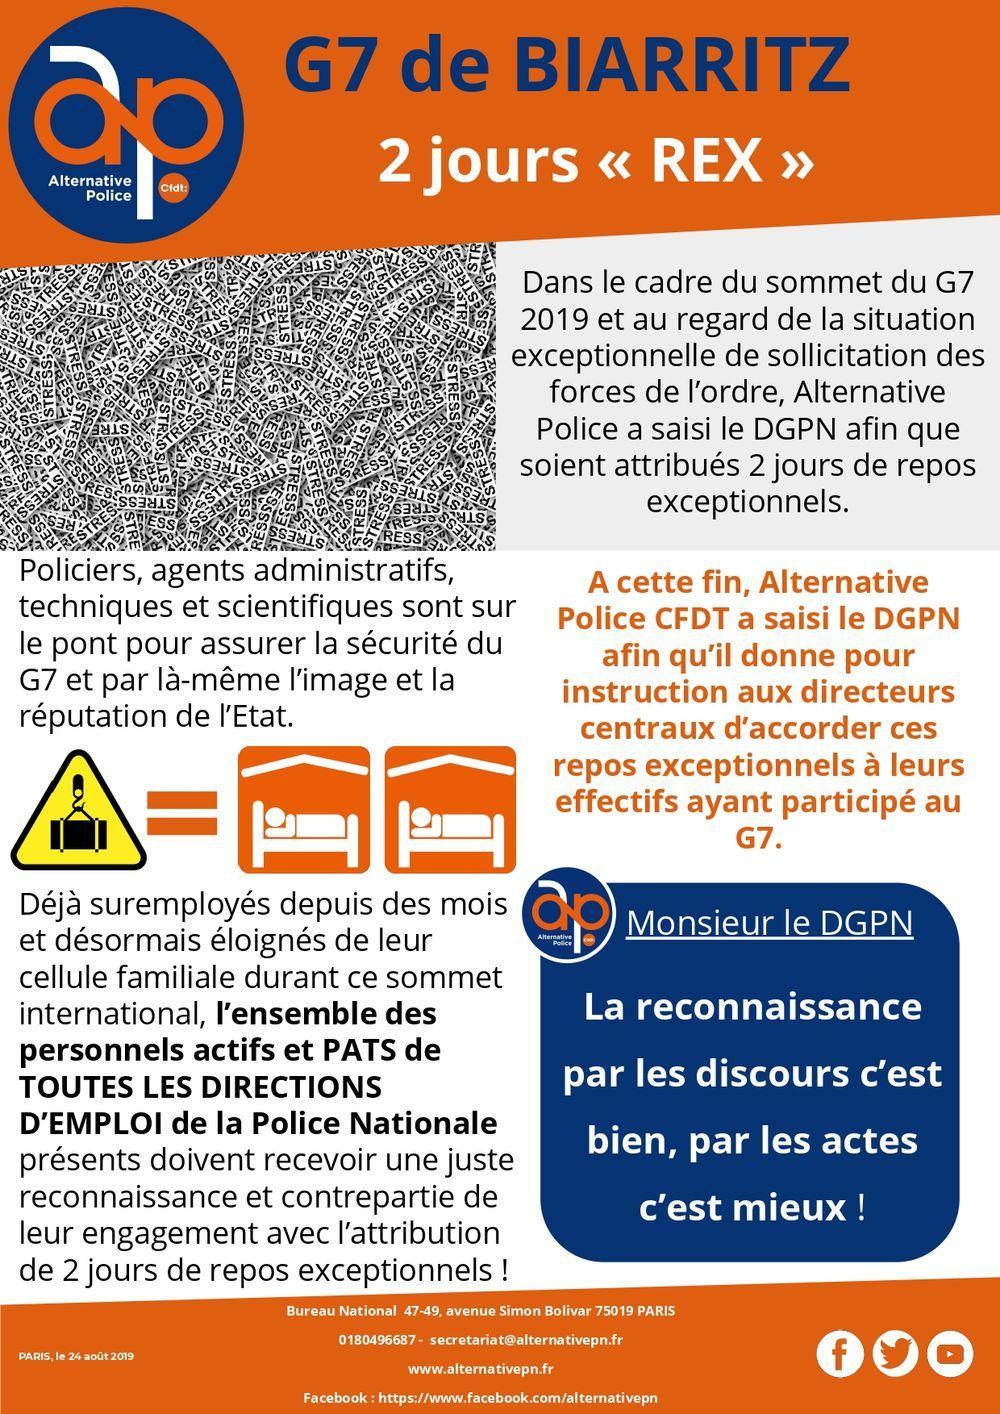 G7 de BIARRITZ 2 jours « REX »